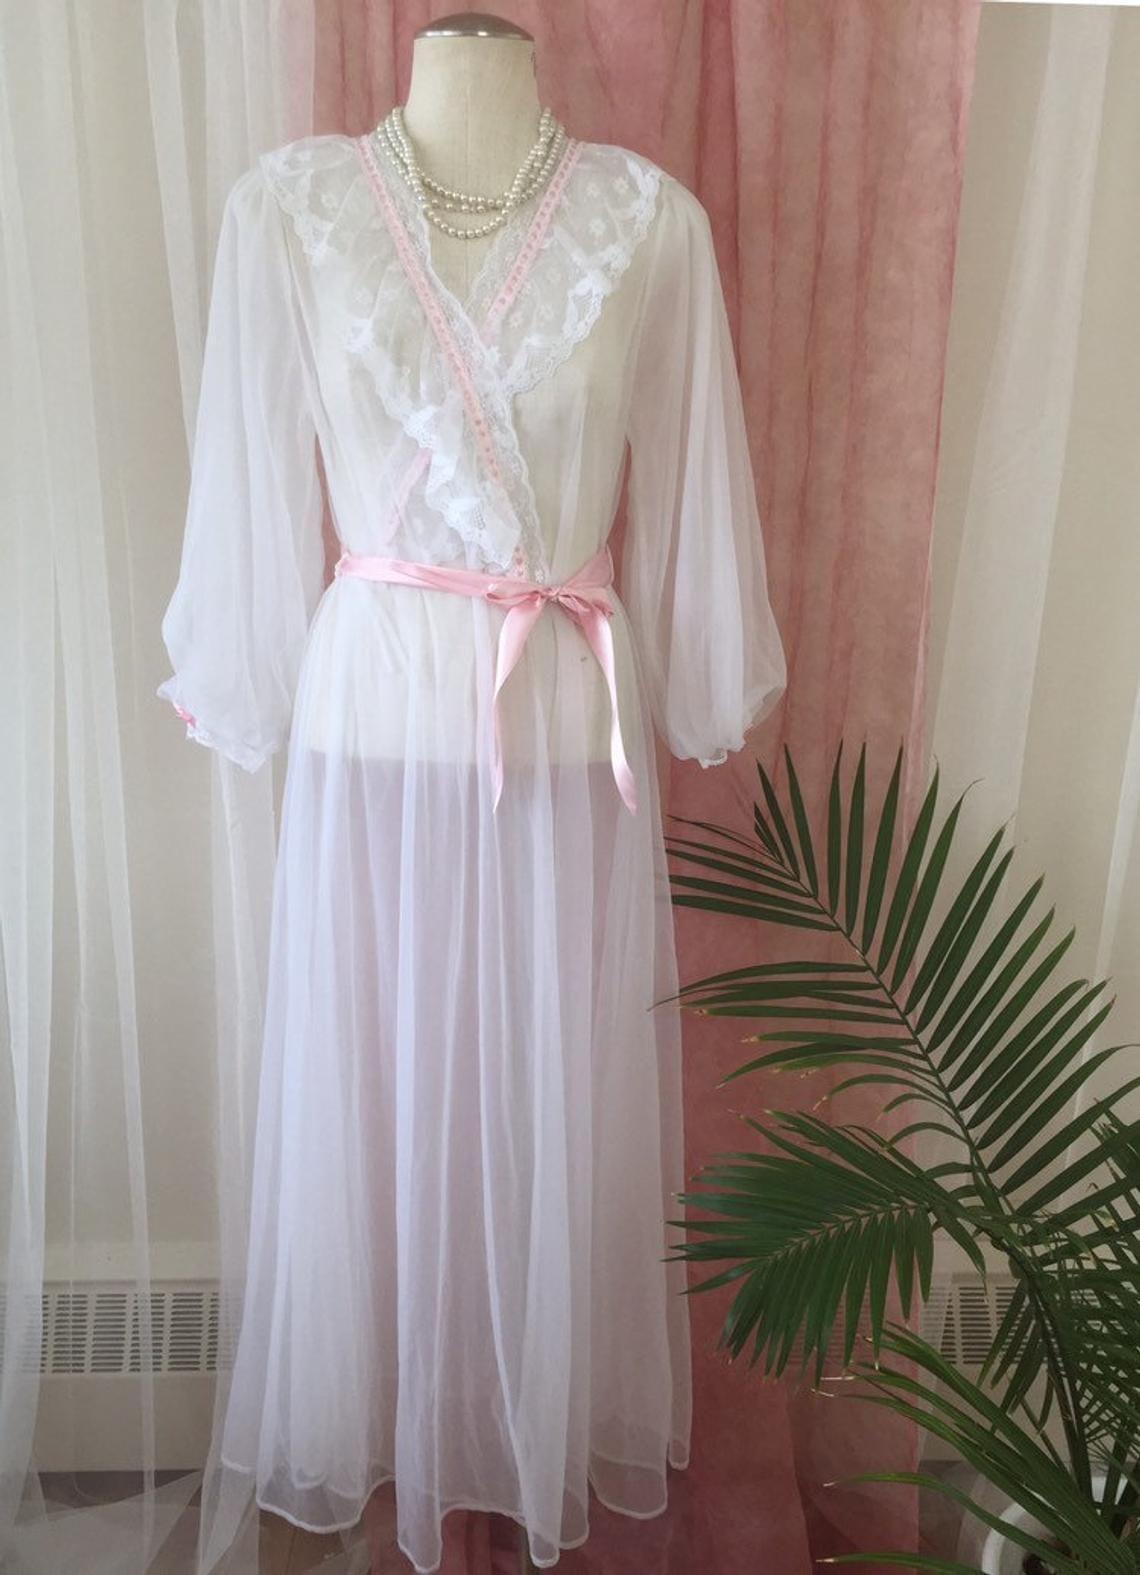 PIN UP nylon robe kimono peignoir